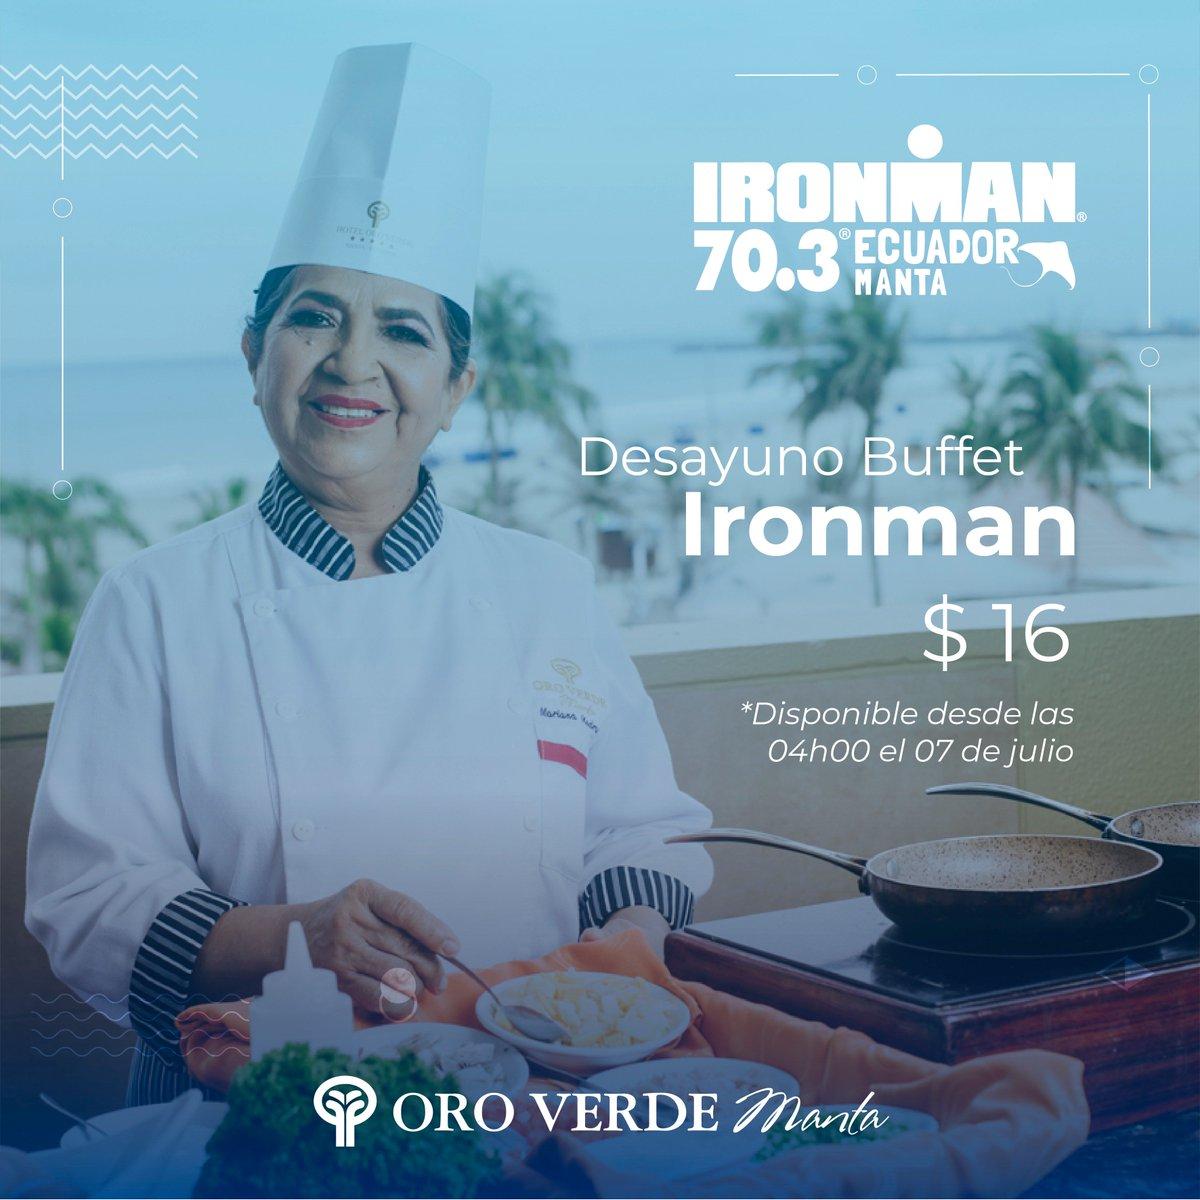 No te saltes ninguna comida, disfruta este 06 y 07 de julio el desayuno ideal para empezar el día en el Restaurante Buena Vista del Hotel Oro Verde Manta. 😎🌤️🤗 #Ironman7030Ecuador #OroVerdeManta https://t.co/sIh5Z7BoqN